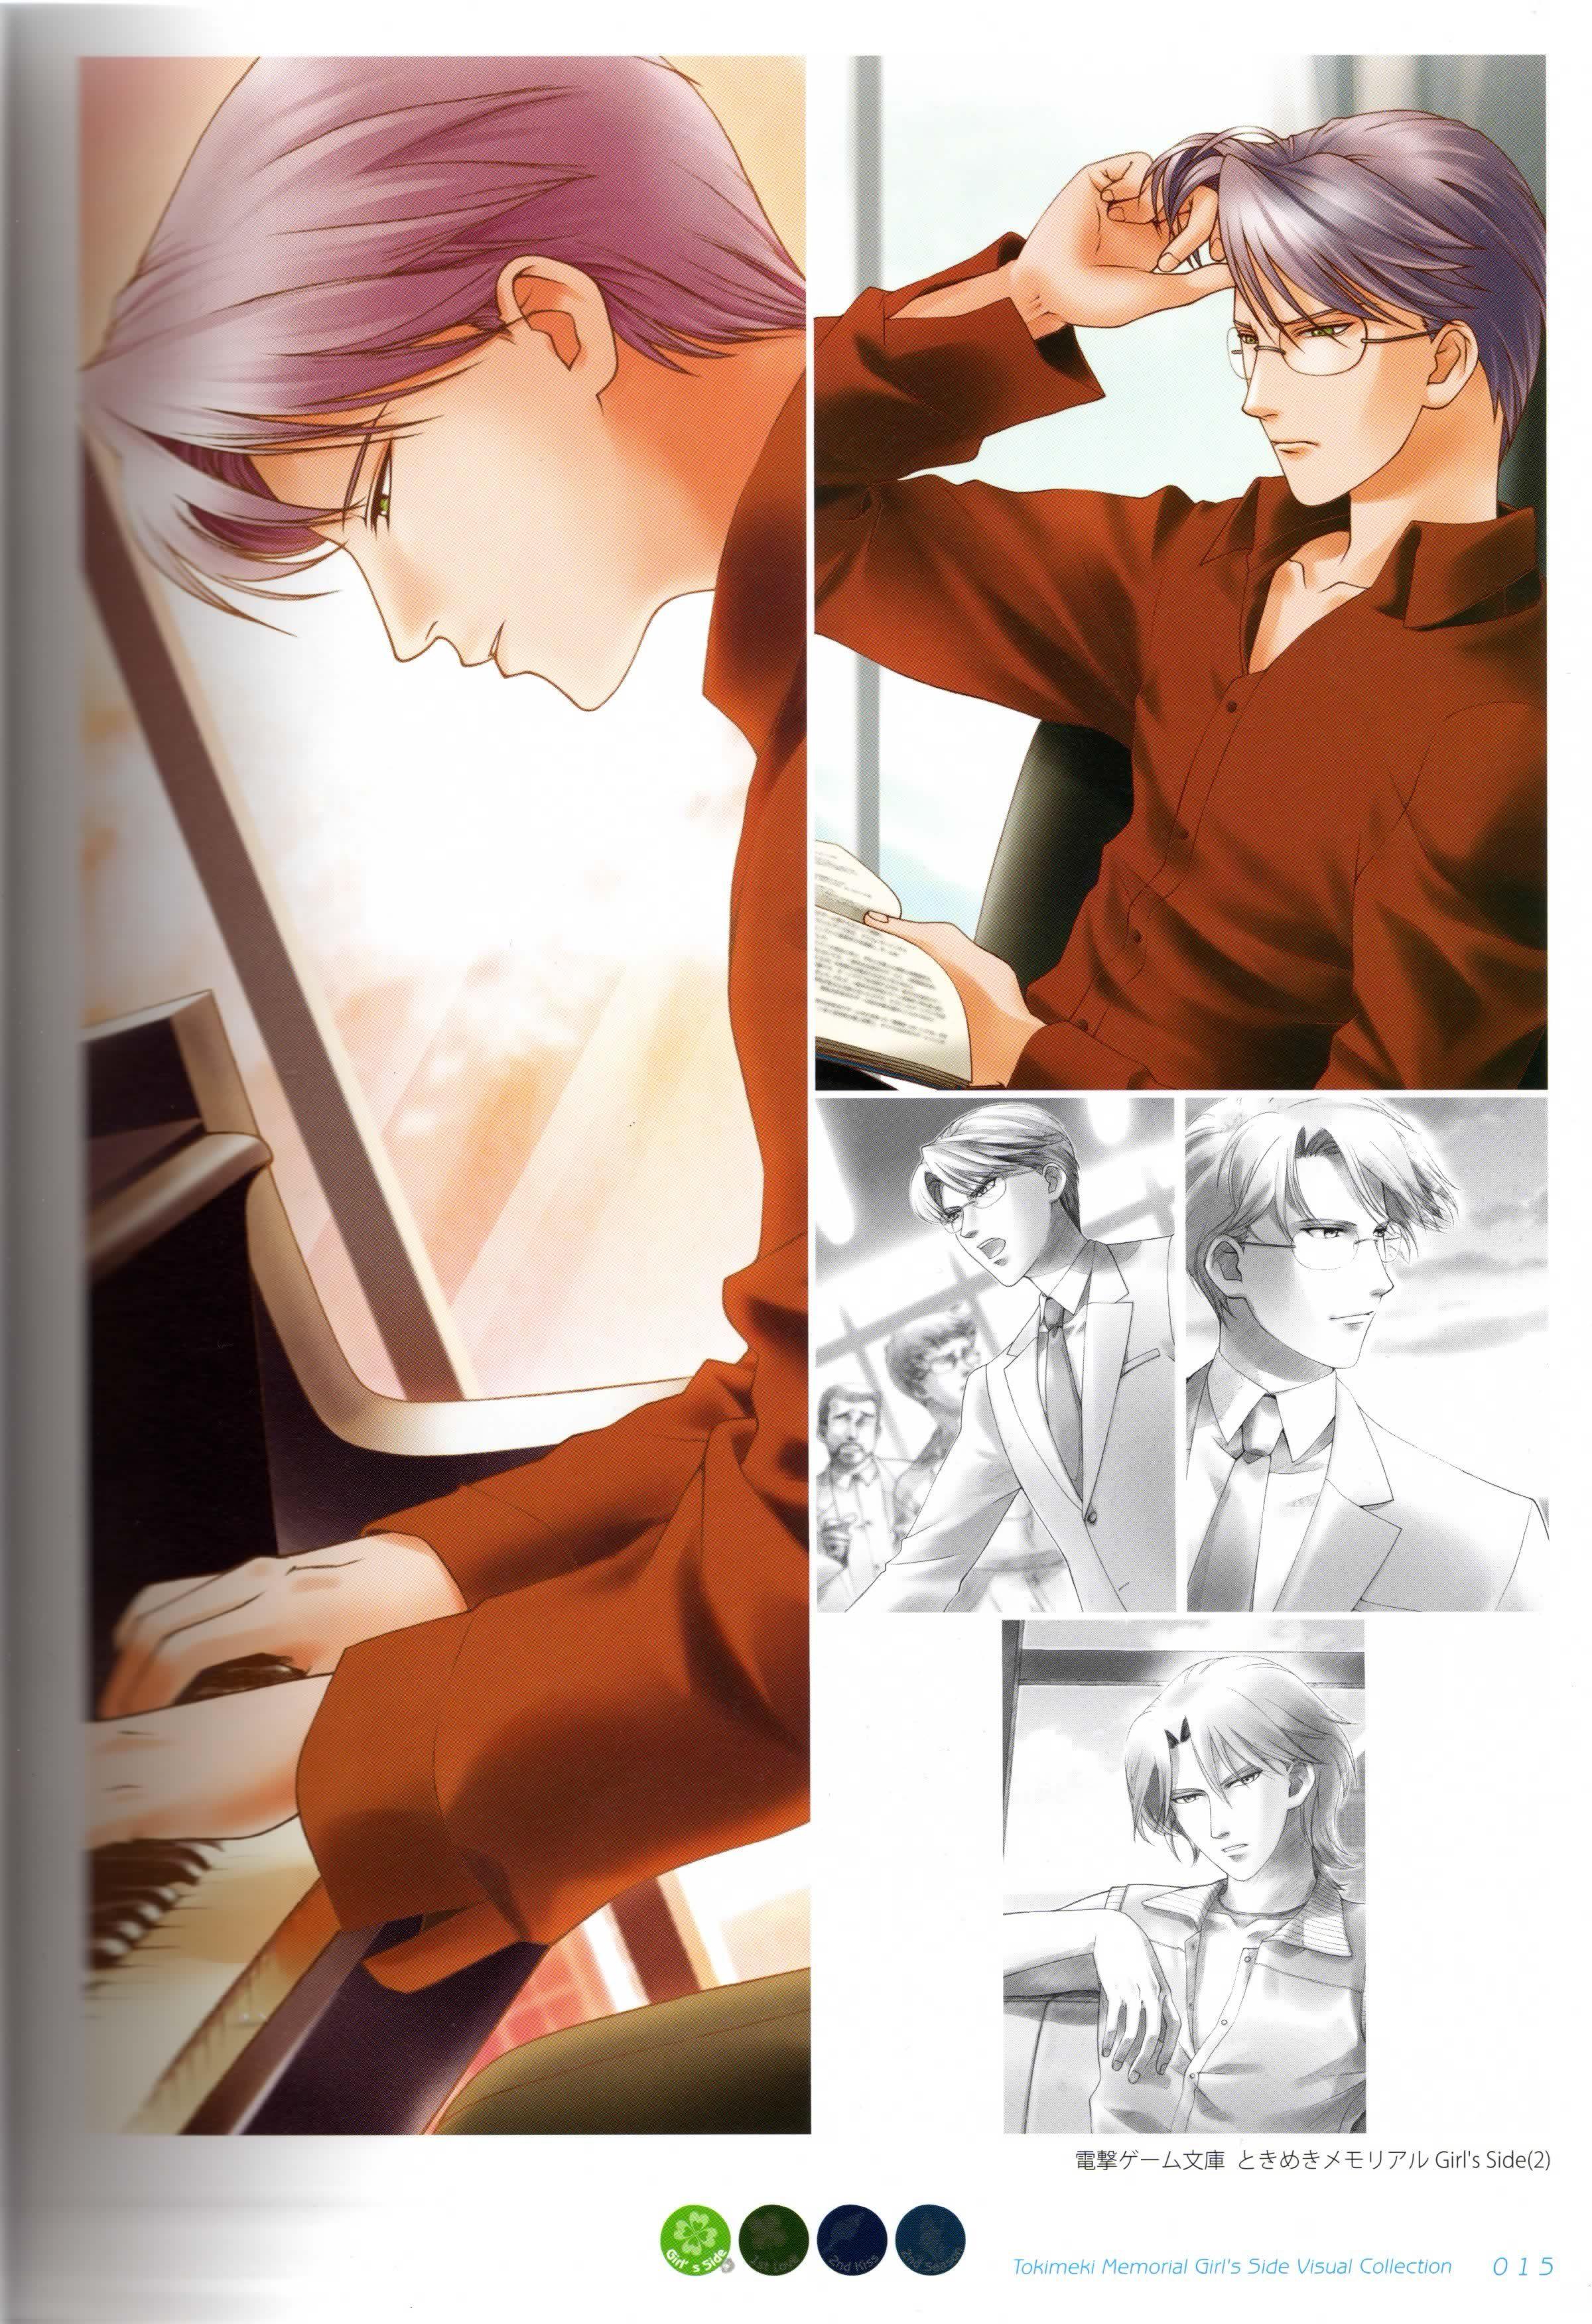 Tokimeki Memorial Girl S Side 1st Love 477116 Memories Love Images Girl